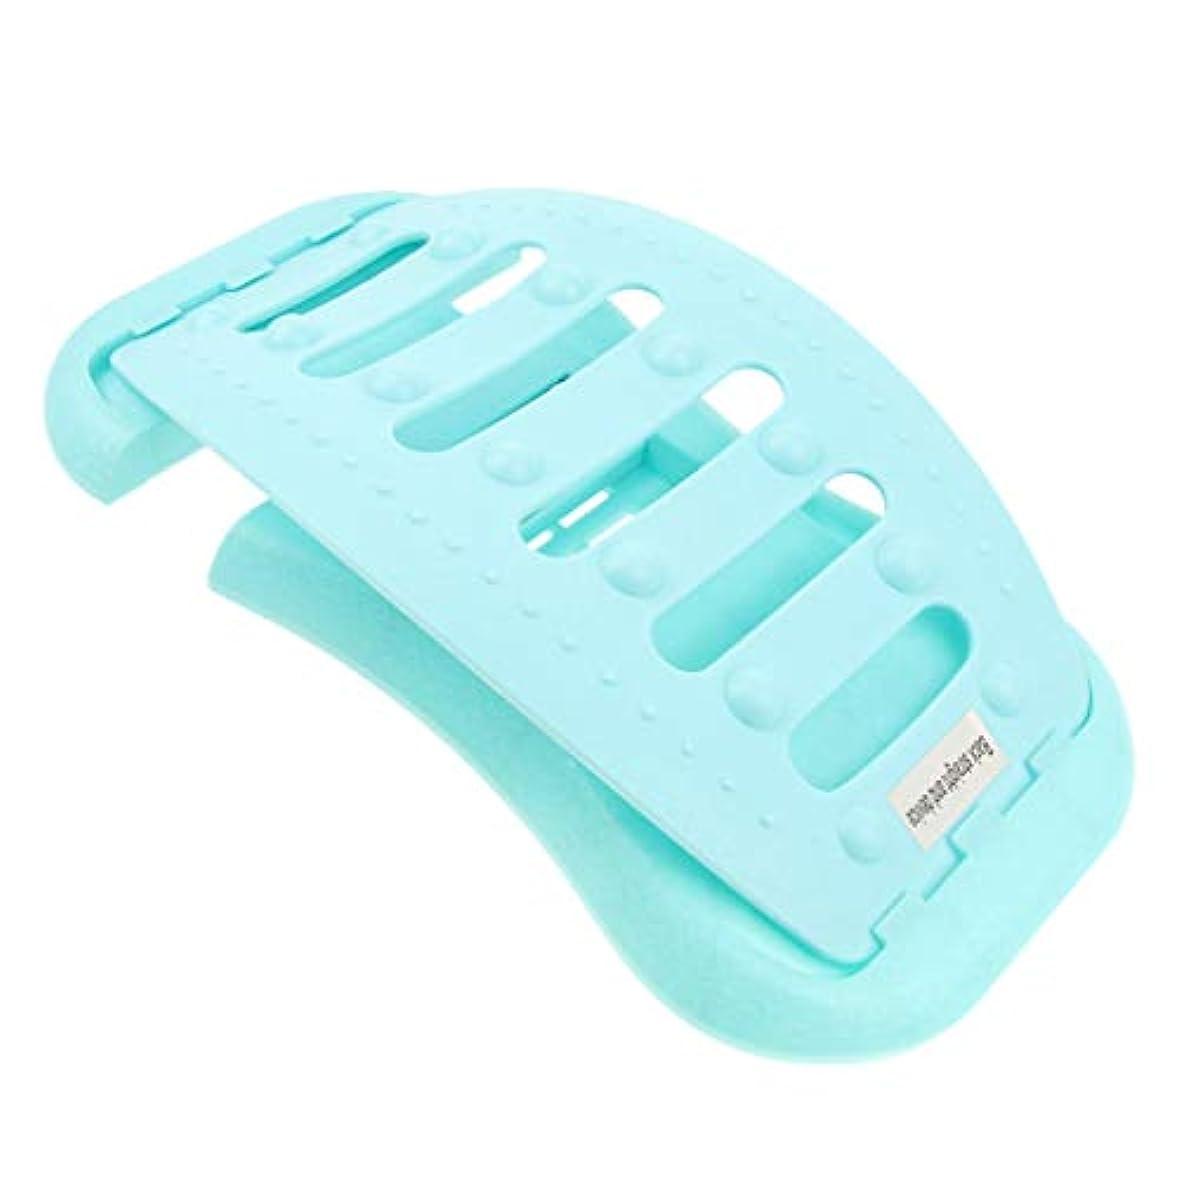 落花生かもしれない司書調節可能 バック ストレッチャー 背中 ストレッチャー ストレッチ装置 耐久性ある 全2色 - 青